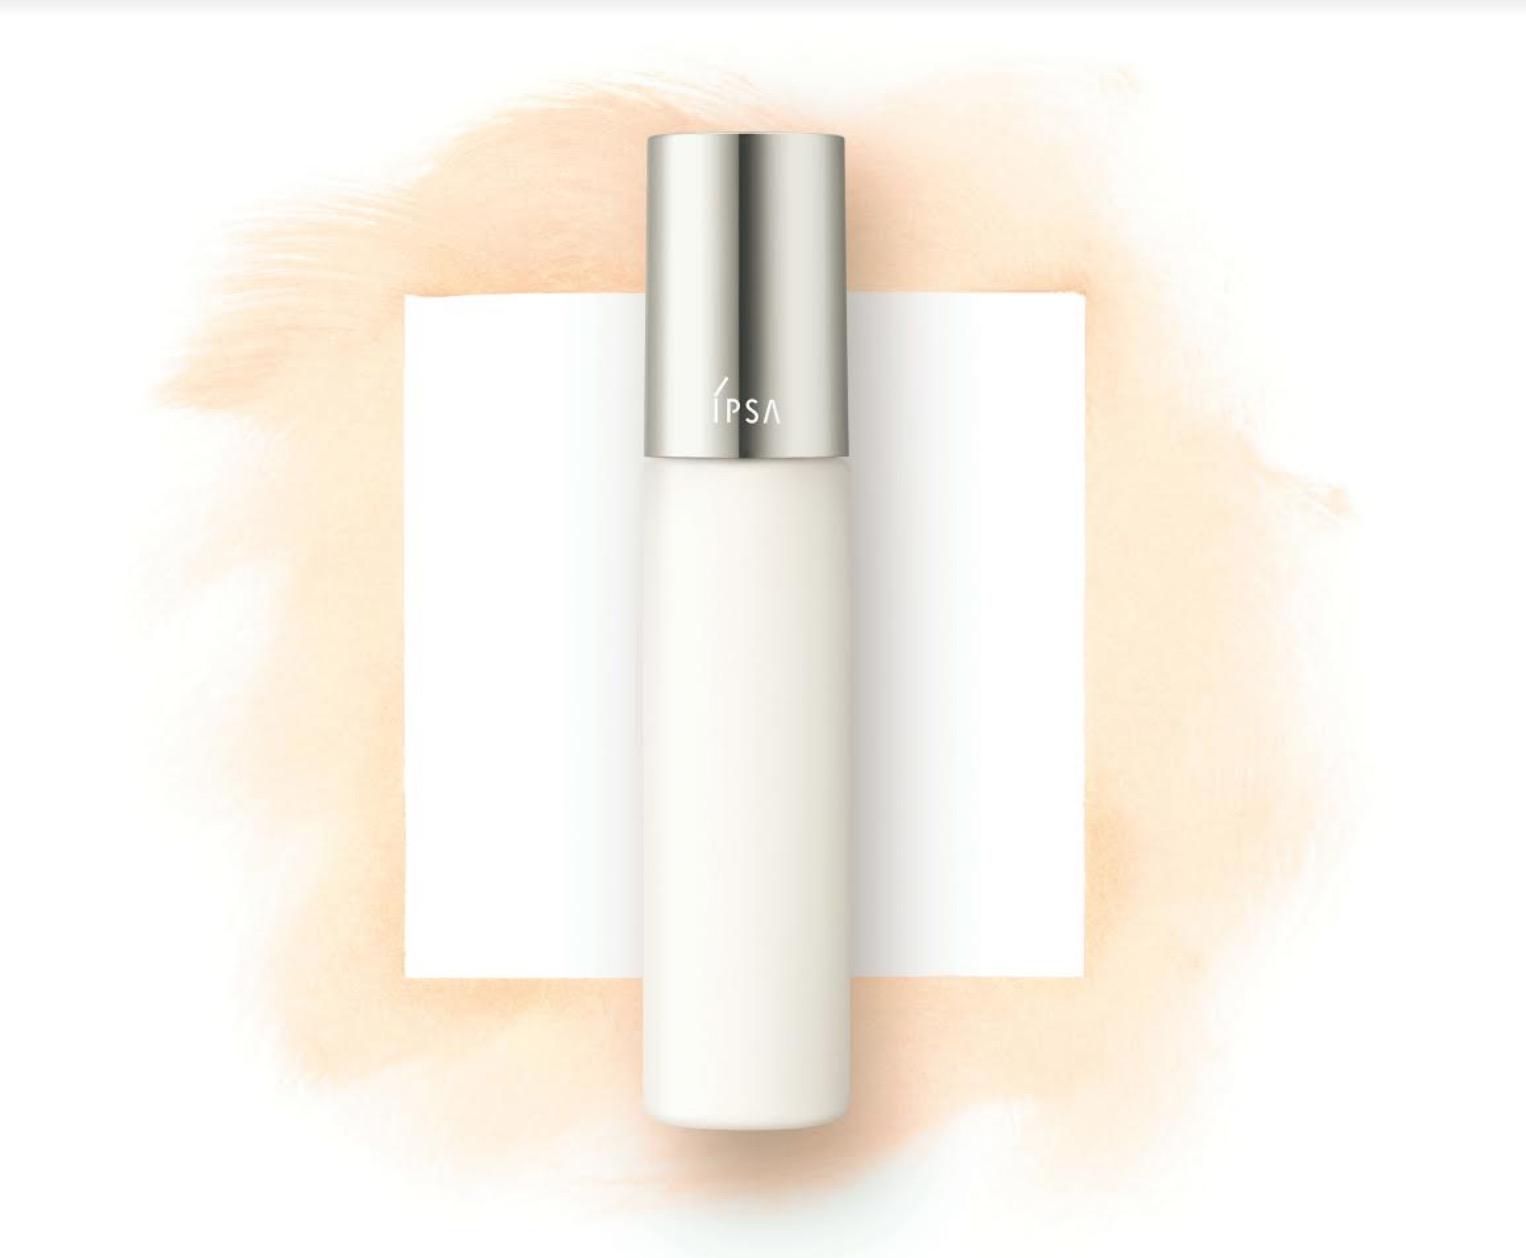 一瓶解決所有脫妝問題的「膜力控油定妝噴霧」,輕輕噴灑即能在肌膚形成舒爽的無感薄膜